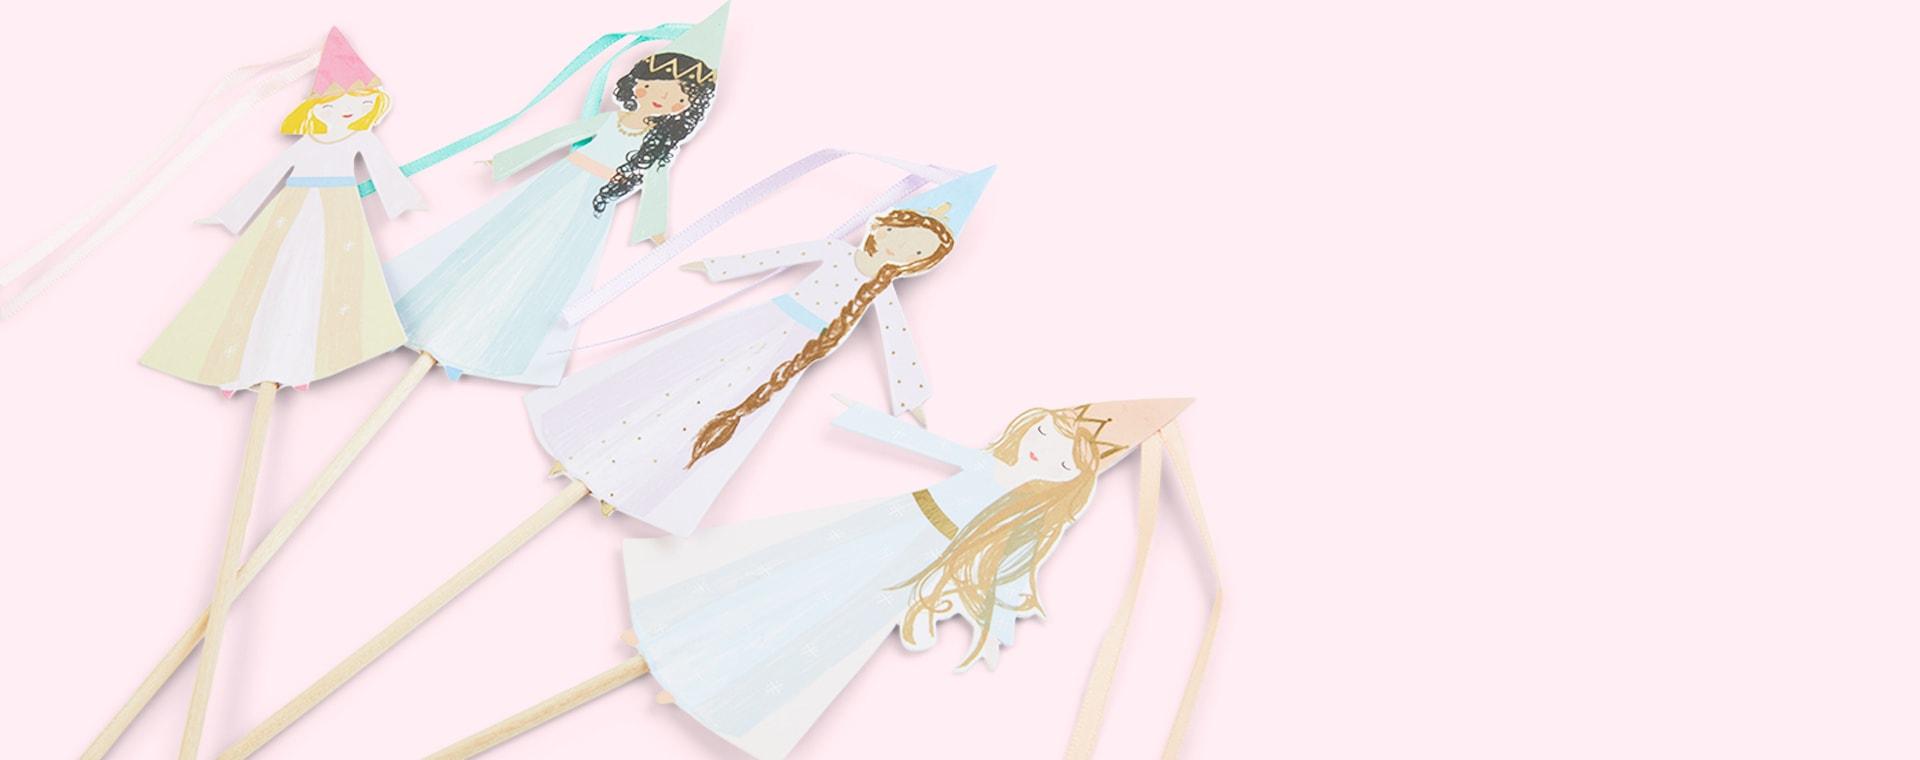 Multi Meri Meri Magical Princess Cake Toppers